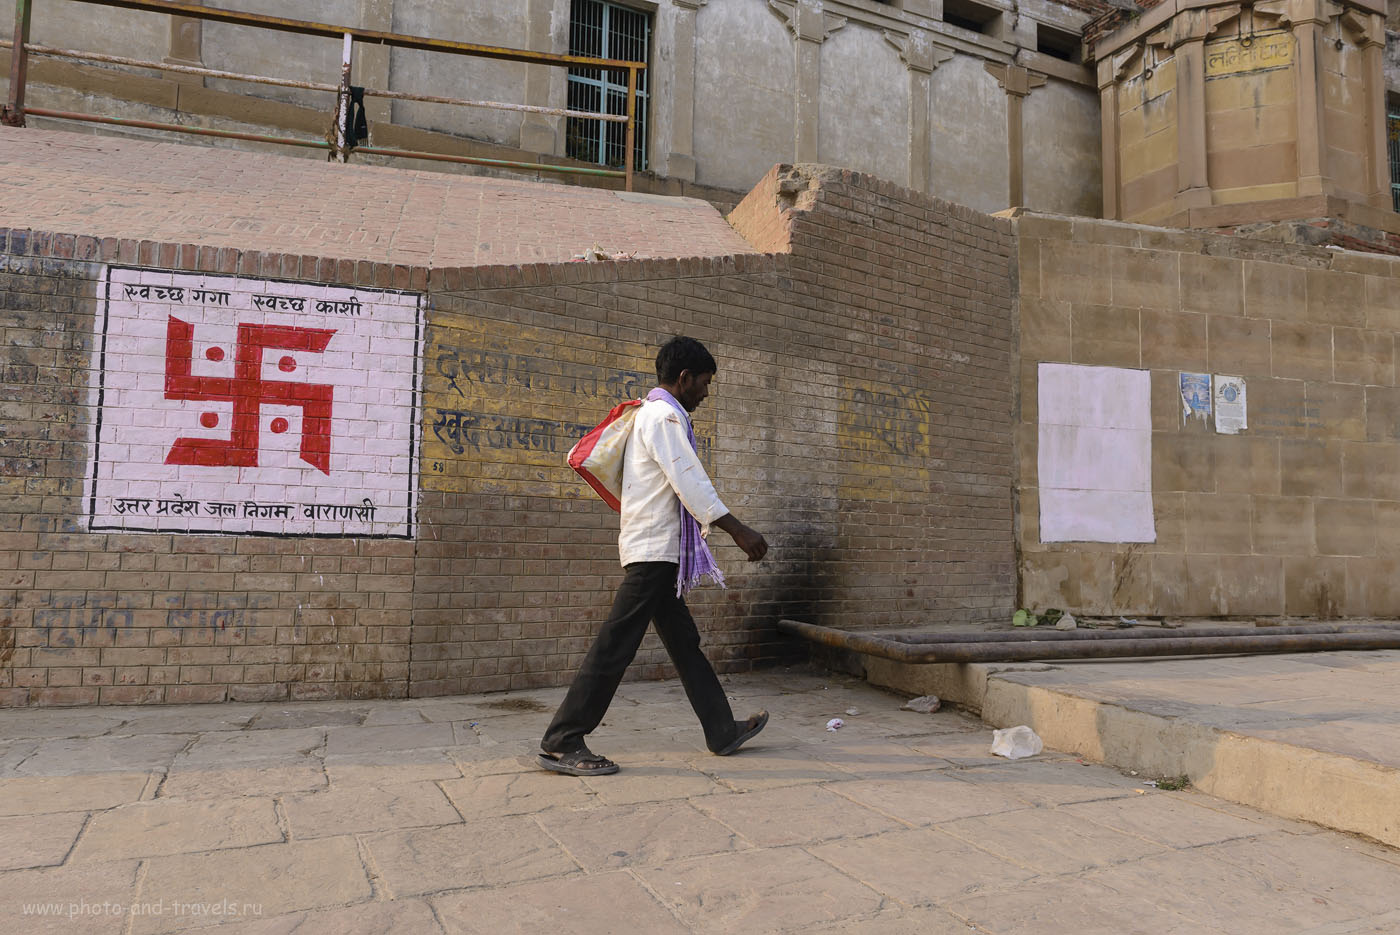 Фотография 12. Отзывы туристов об экскурсии в Варанаси. Свастика. Отзывы об отдыхе в Индии. 1/320, 8.0, 200, 24.